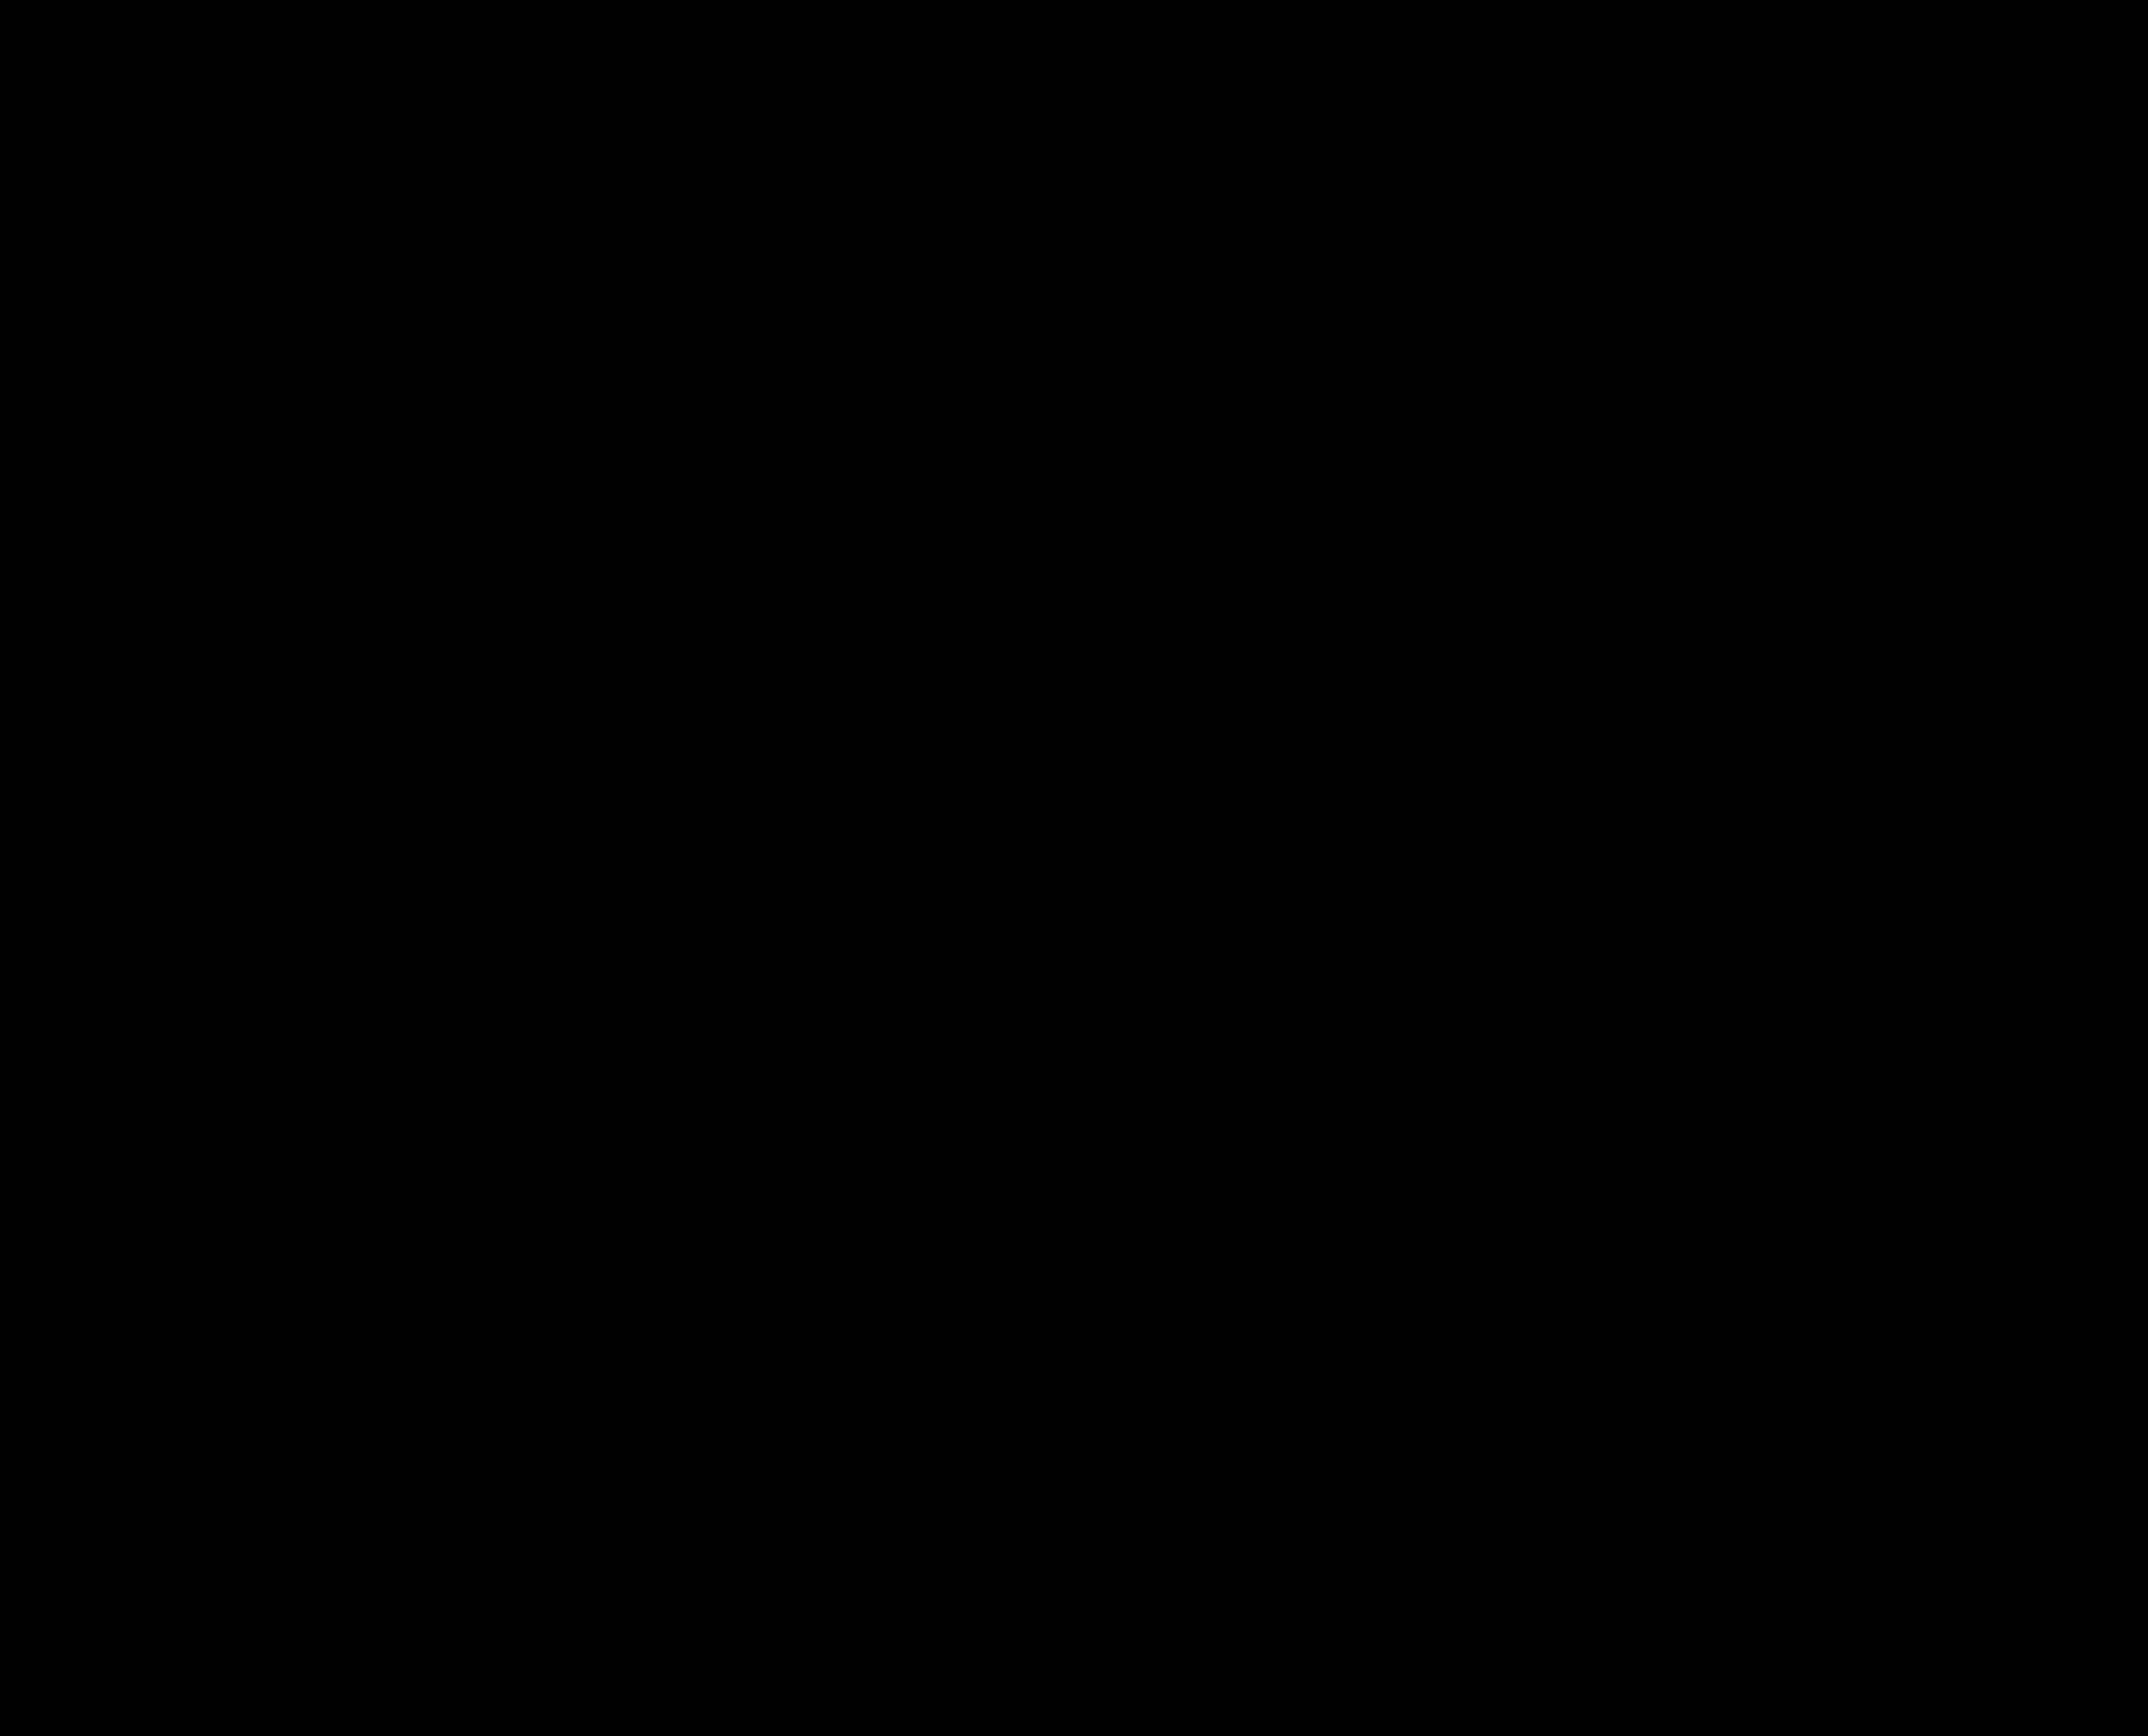 Huawei Smartphone 256 gb ram 8 gb. tim - P30 Pro 256gb Nero Tim